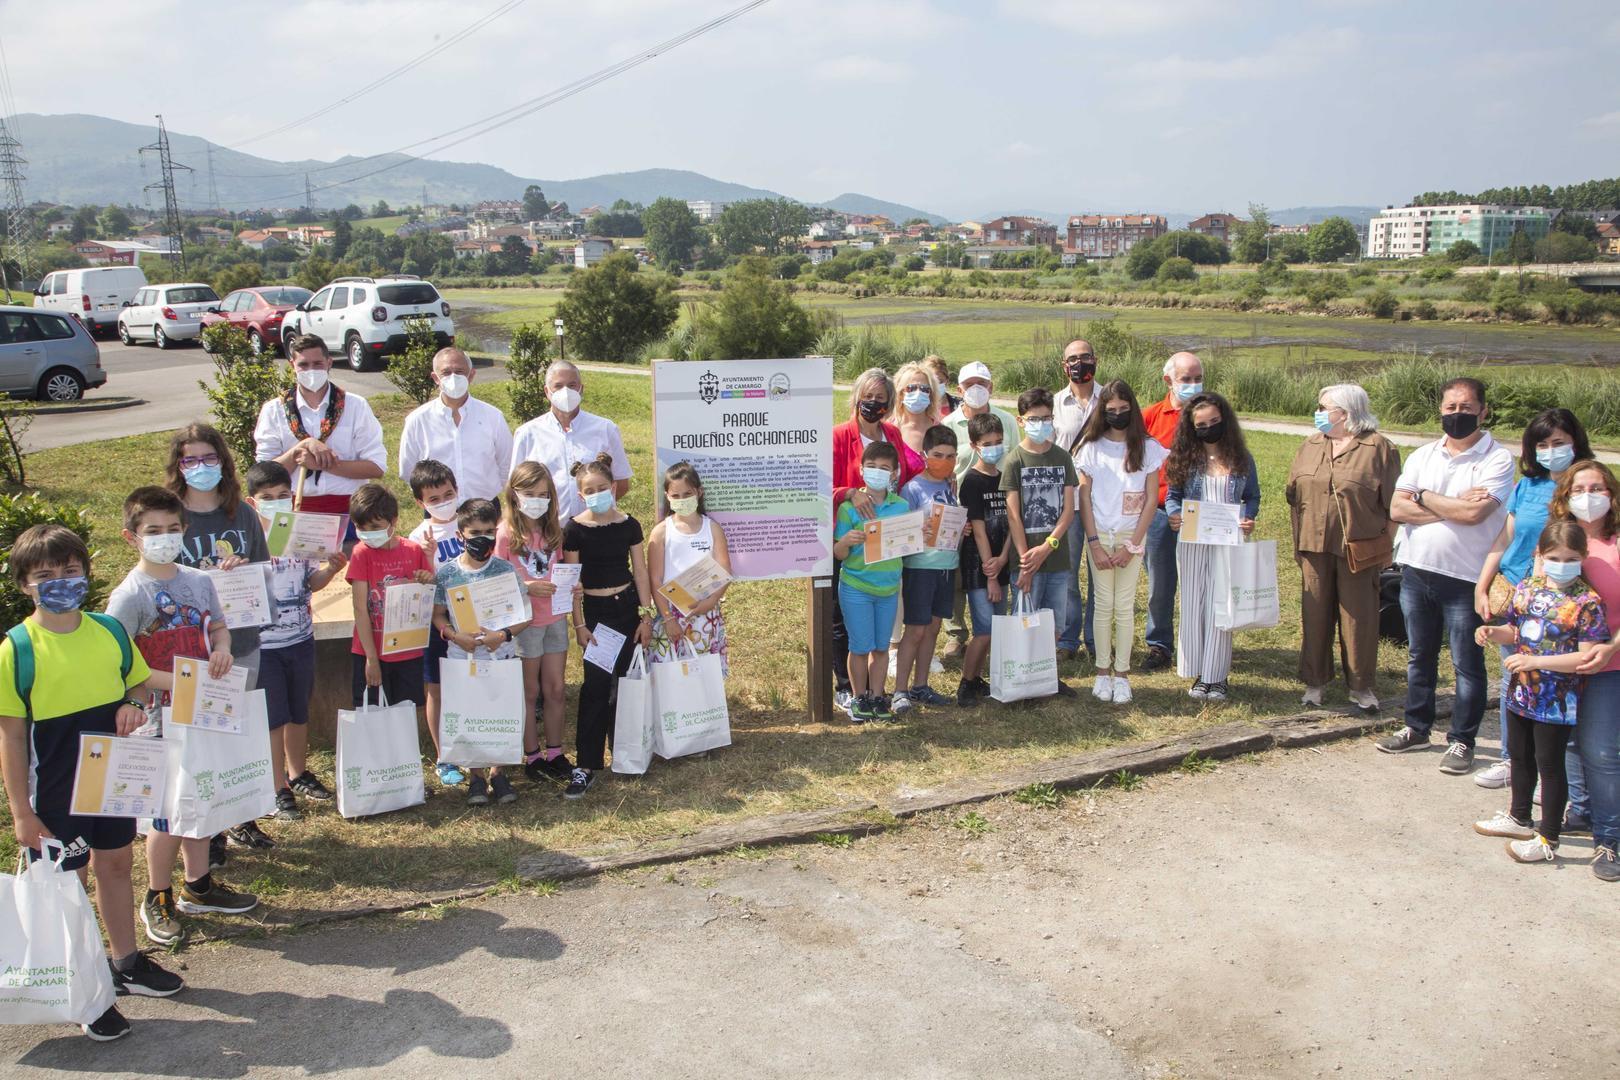 """Maliaño inaugura el 'Parque Pequeños Cachoneros', """"ejemplo"""" de recuperación ambiental"""